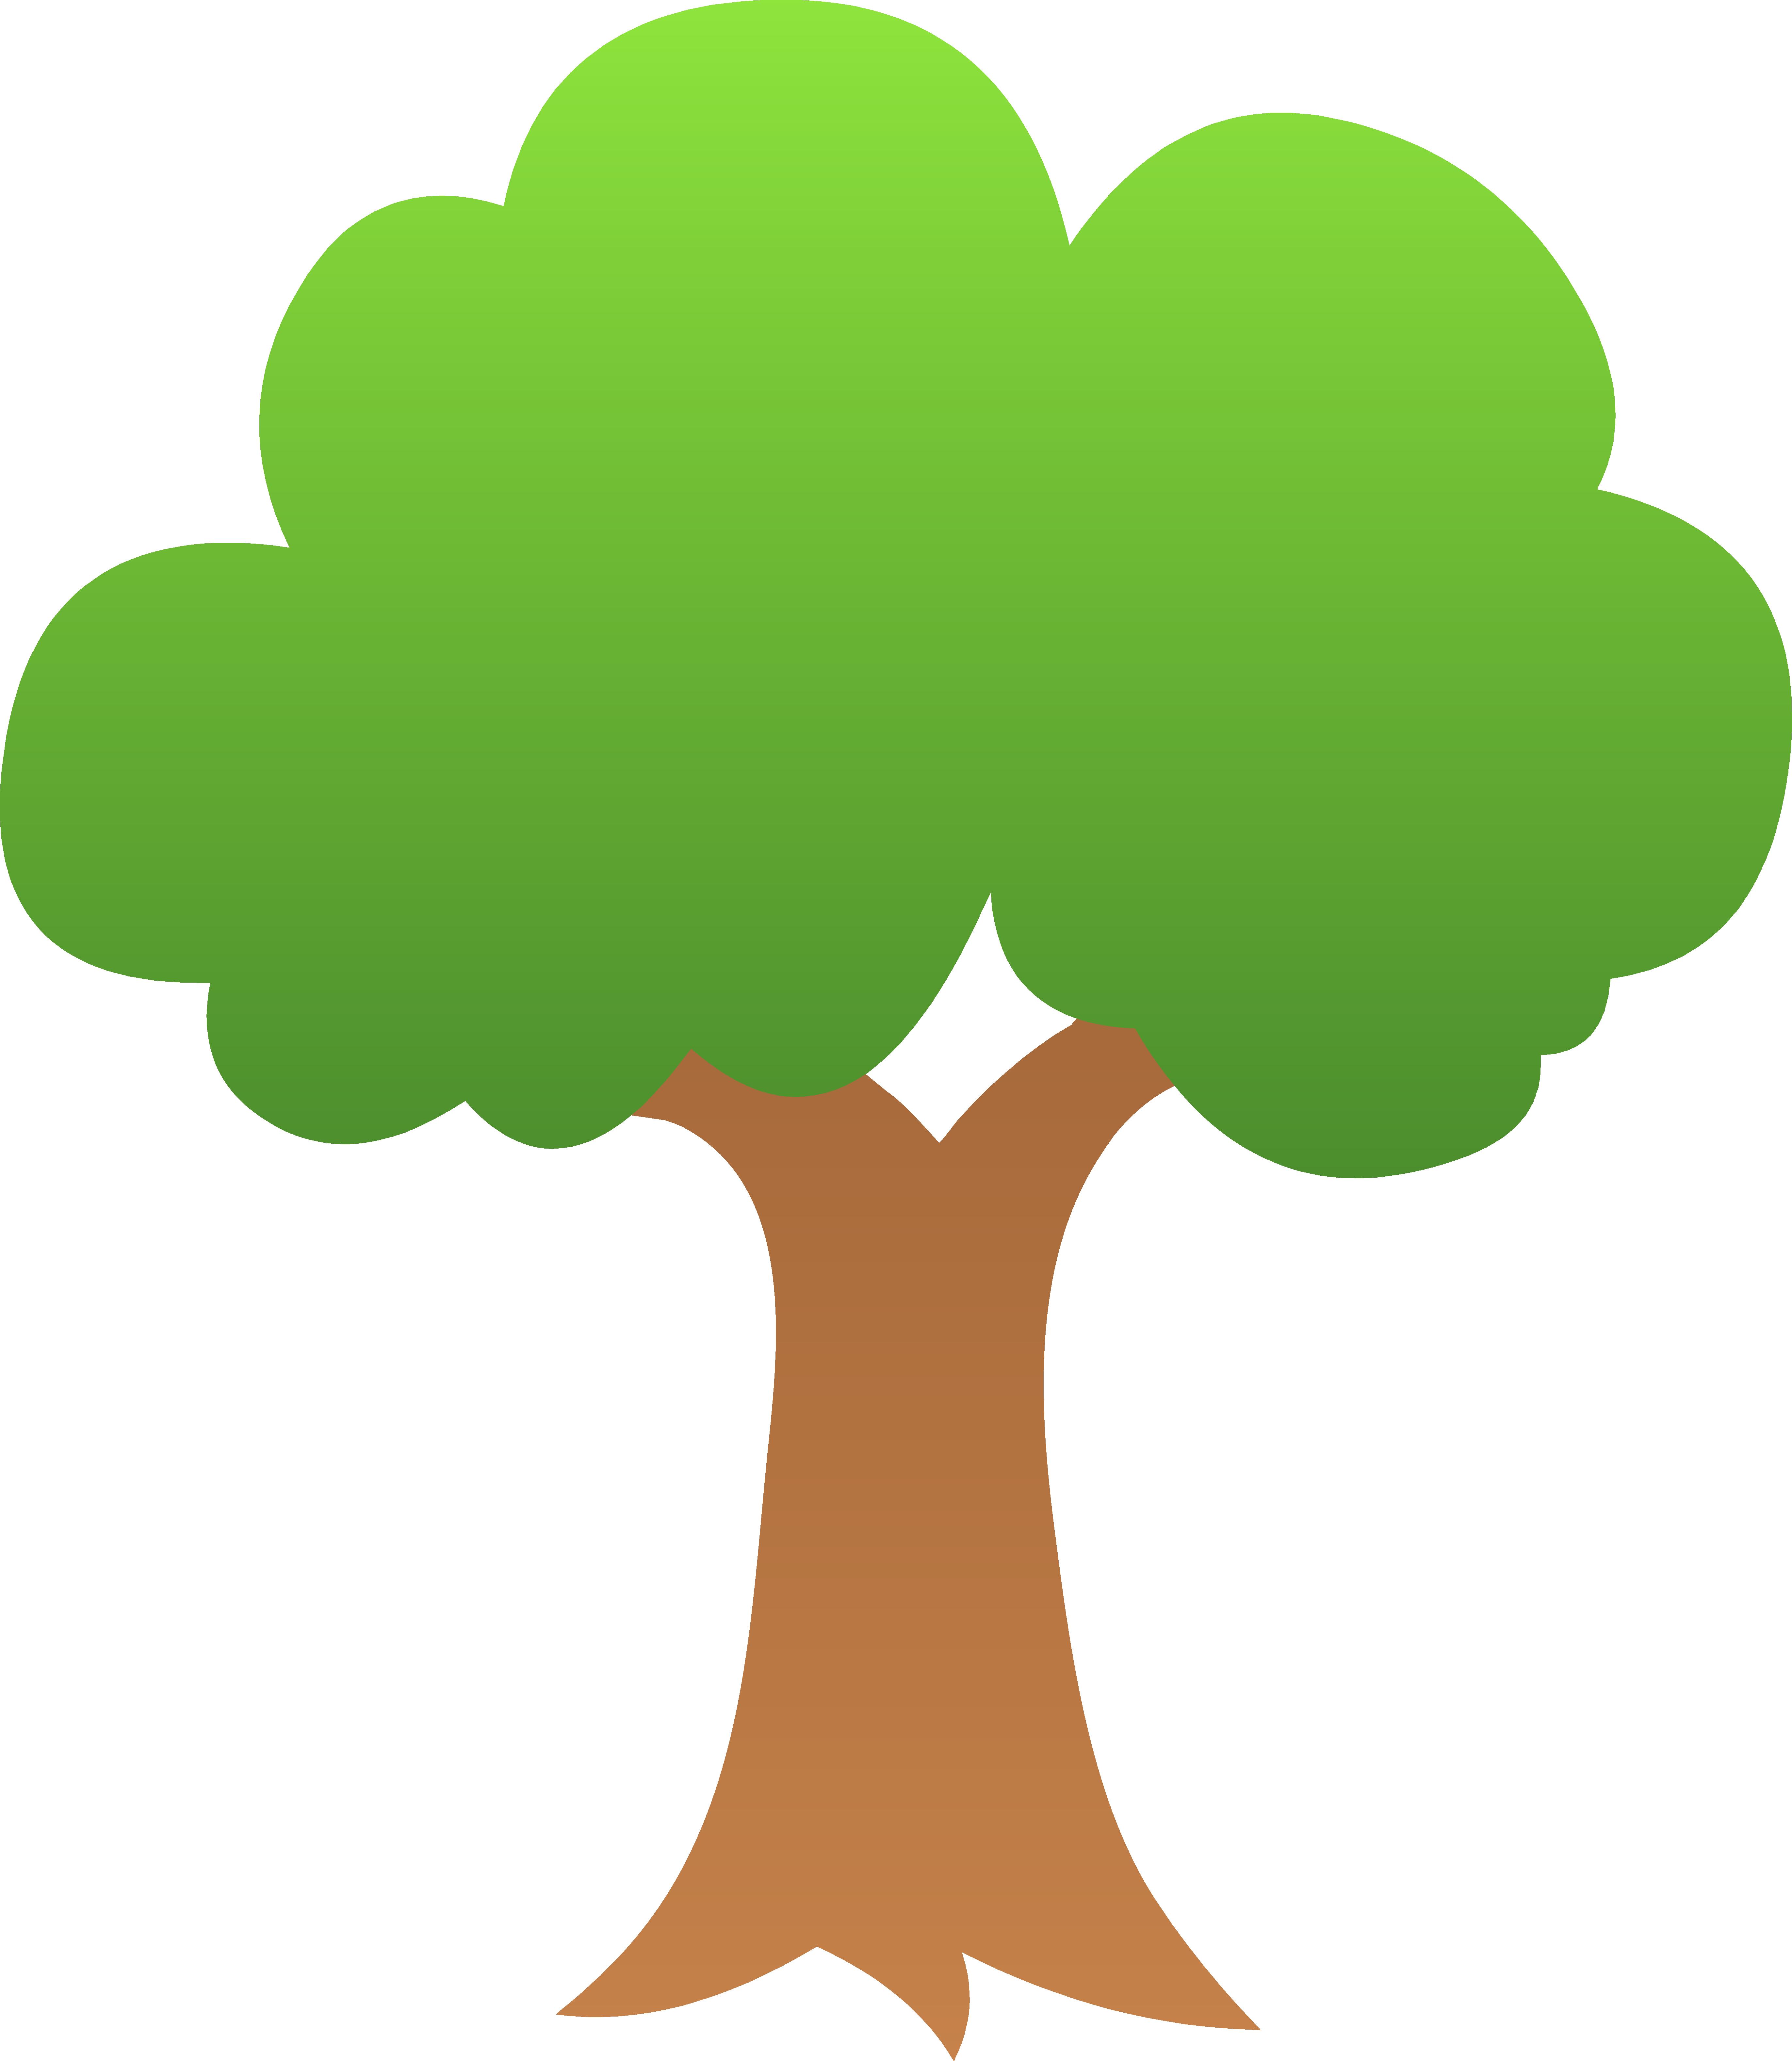 Tree Clipart-tree clipart-11